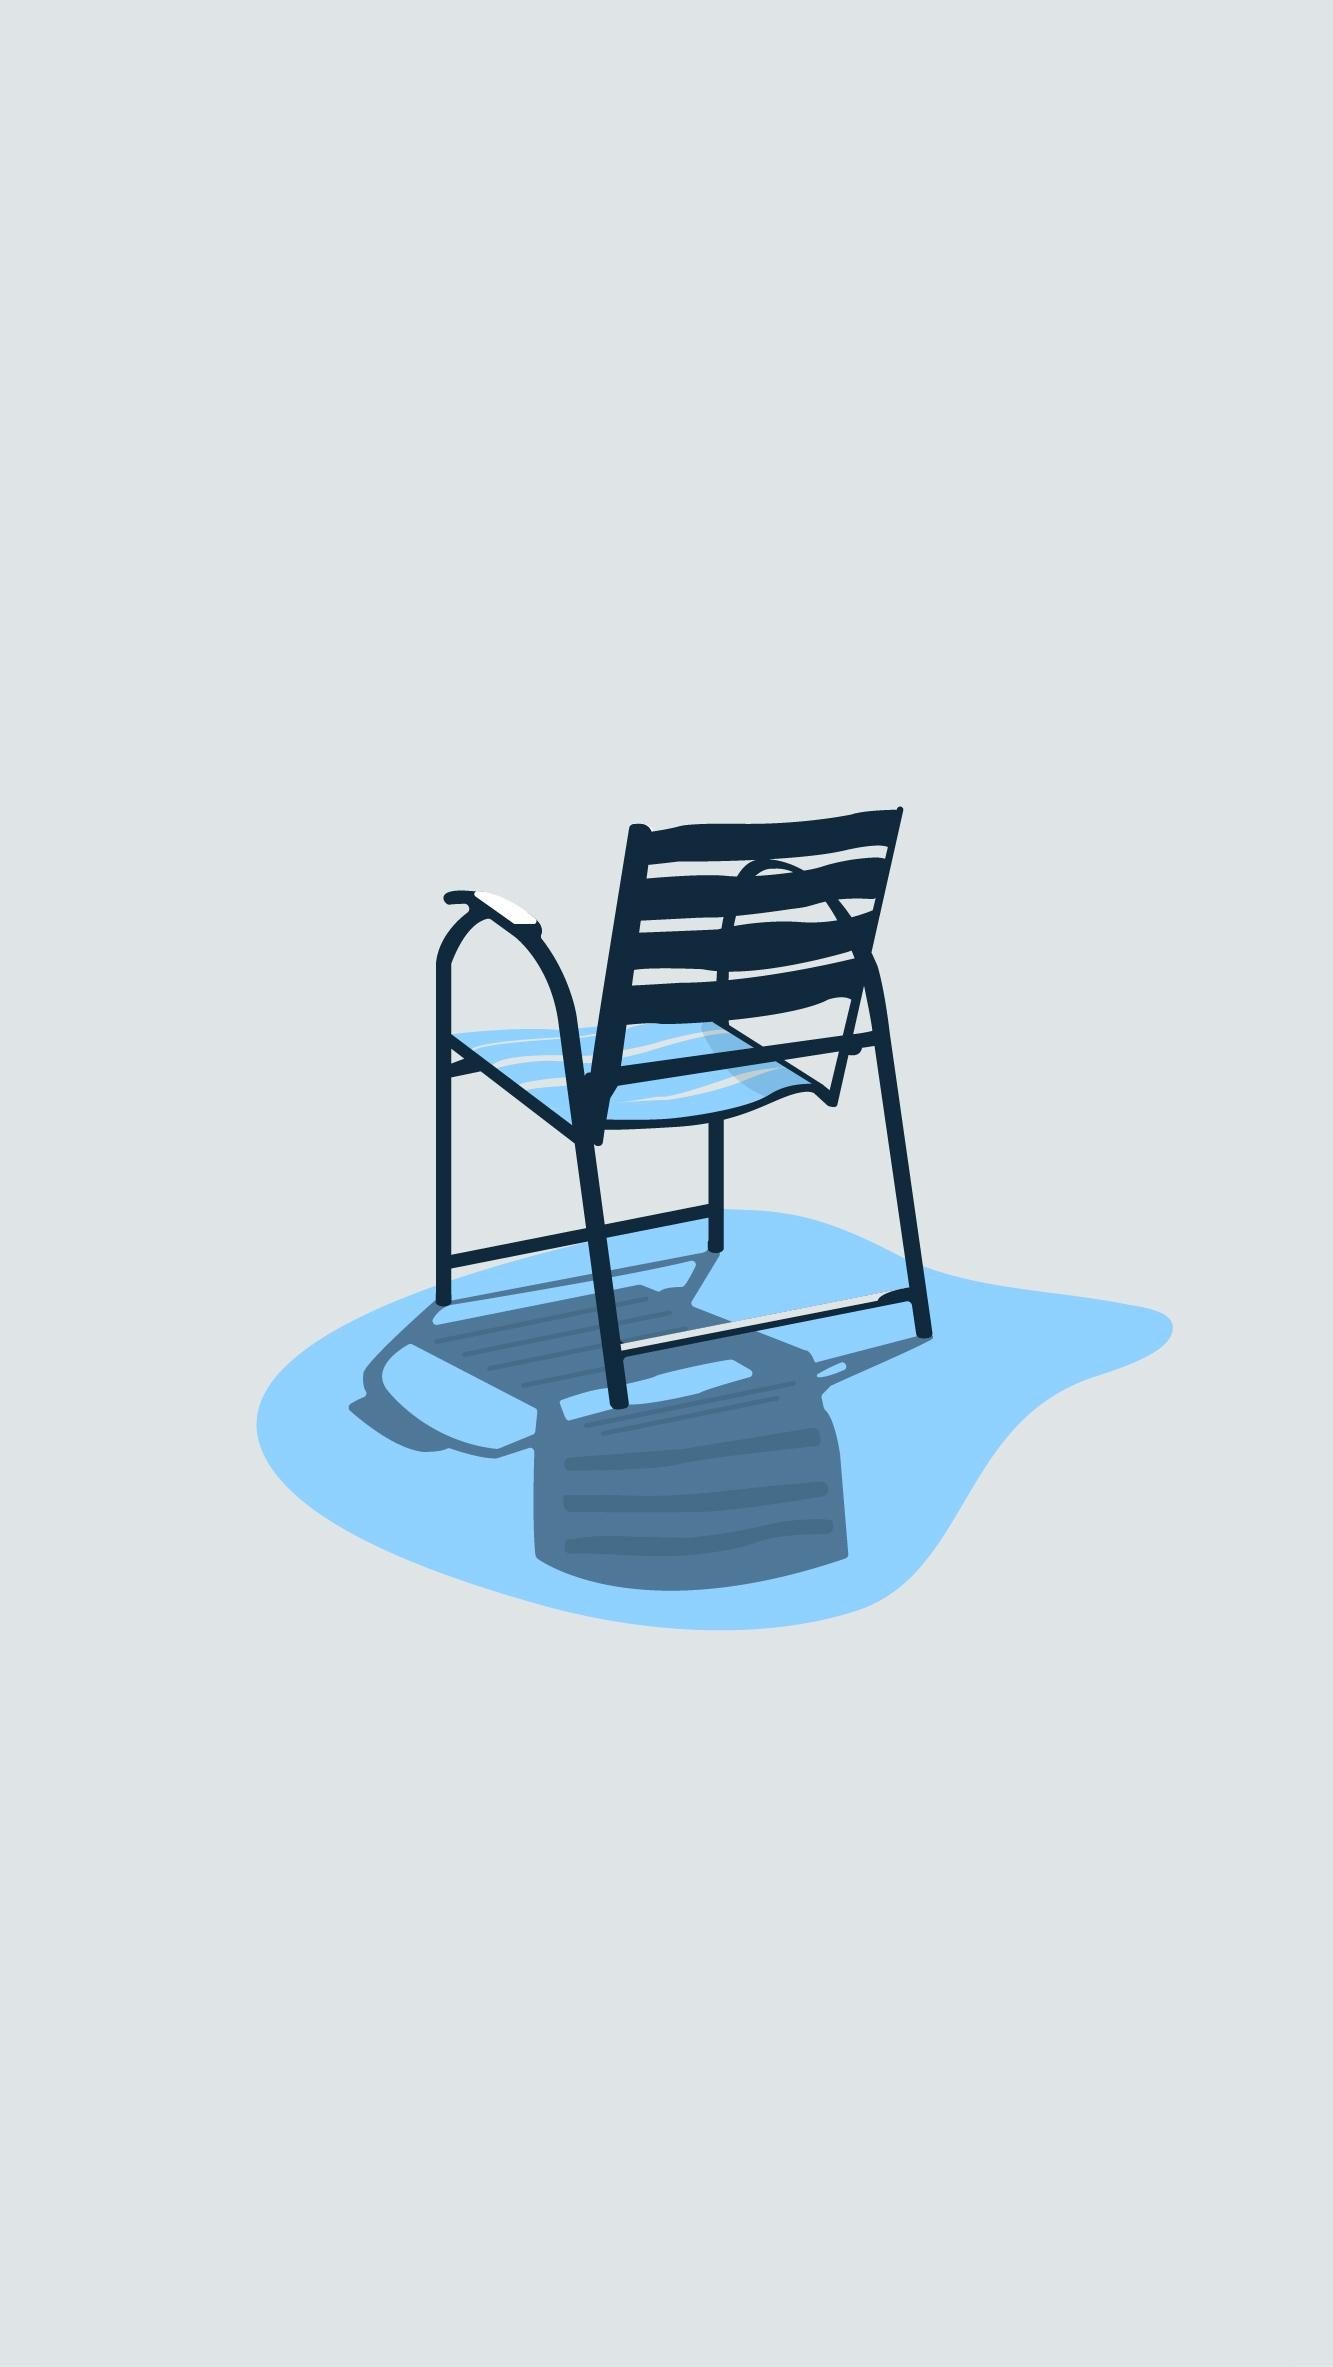 Chaise bleue - Promenade des An - commelaville   ello